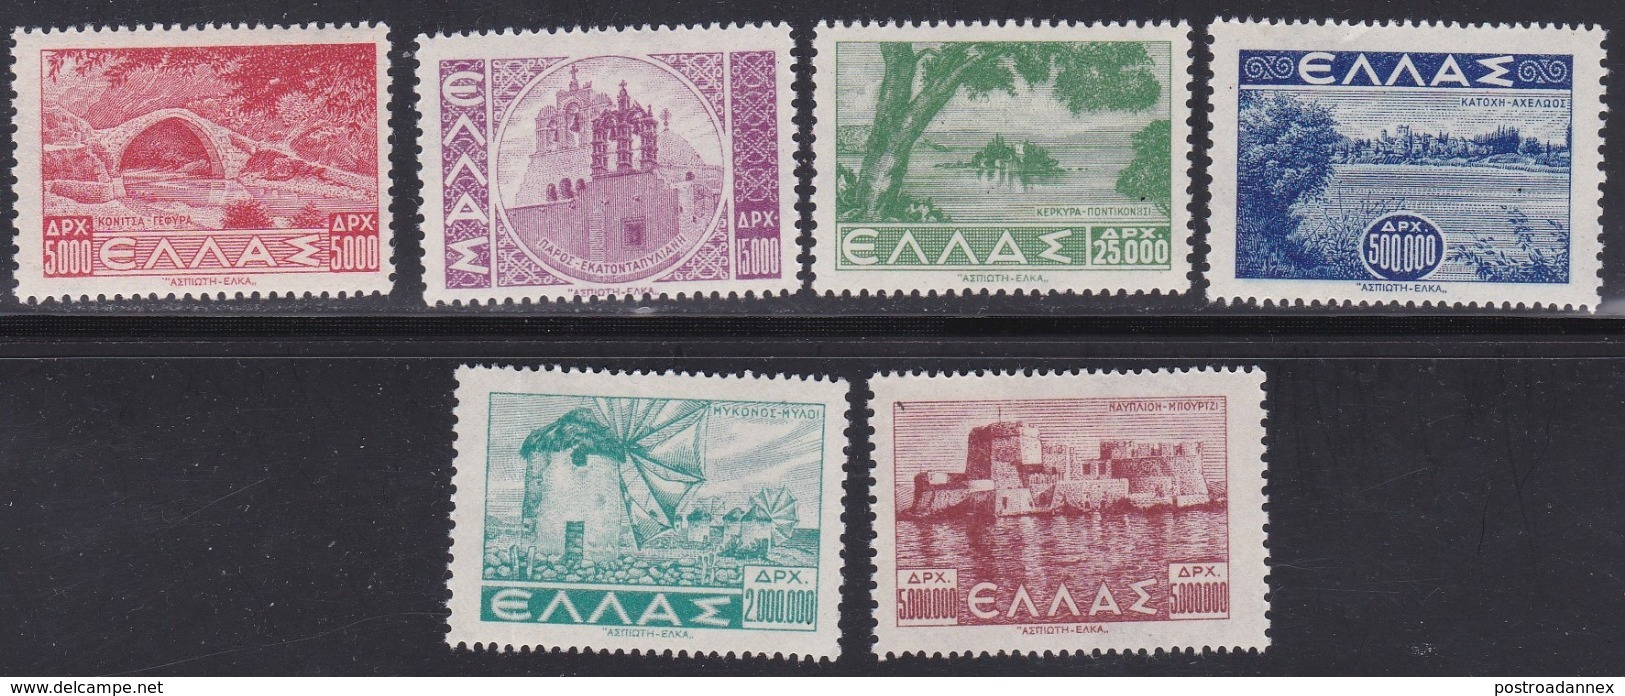 Greece, Scott #437-454, Mint Hinged, Scenes Of Greece, Issued 1942 - Greece